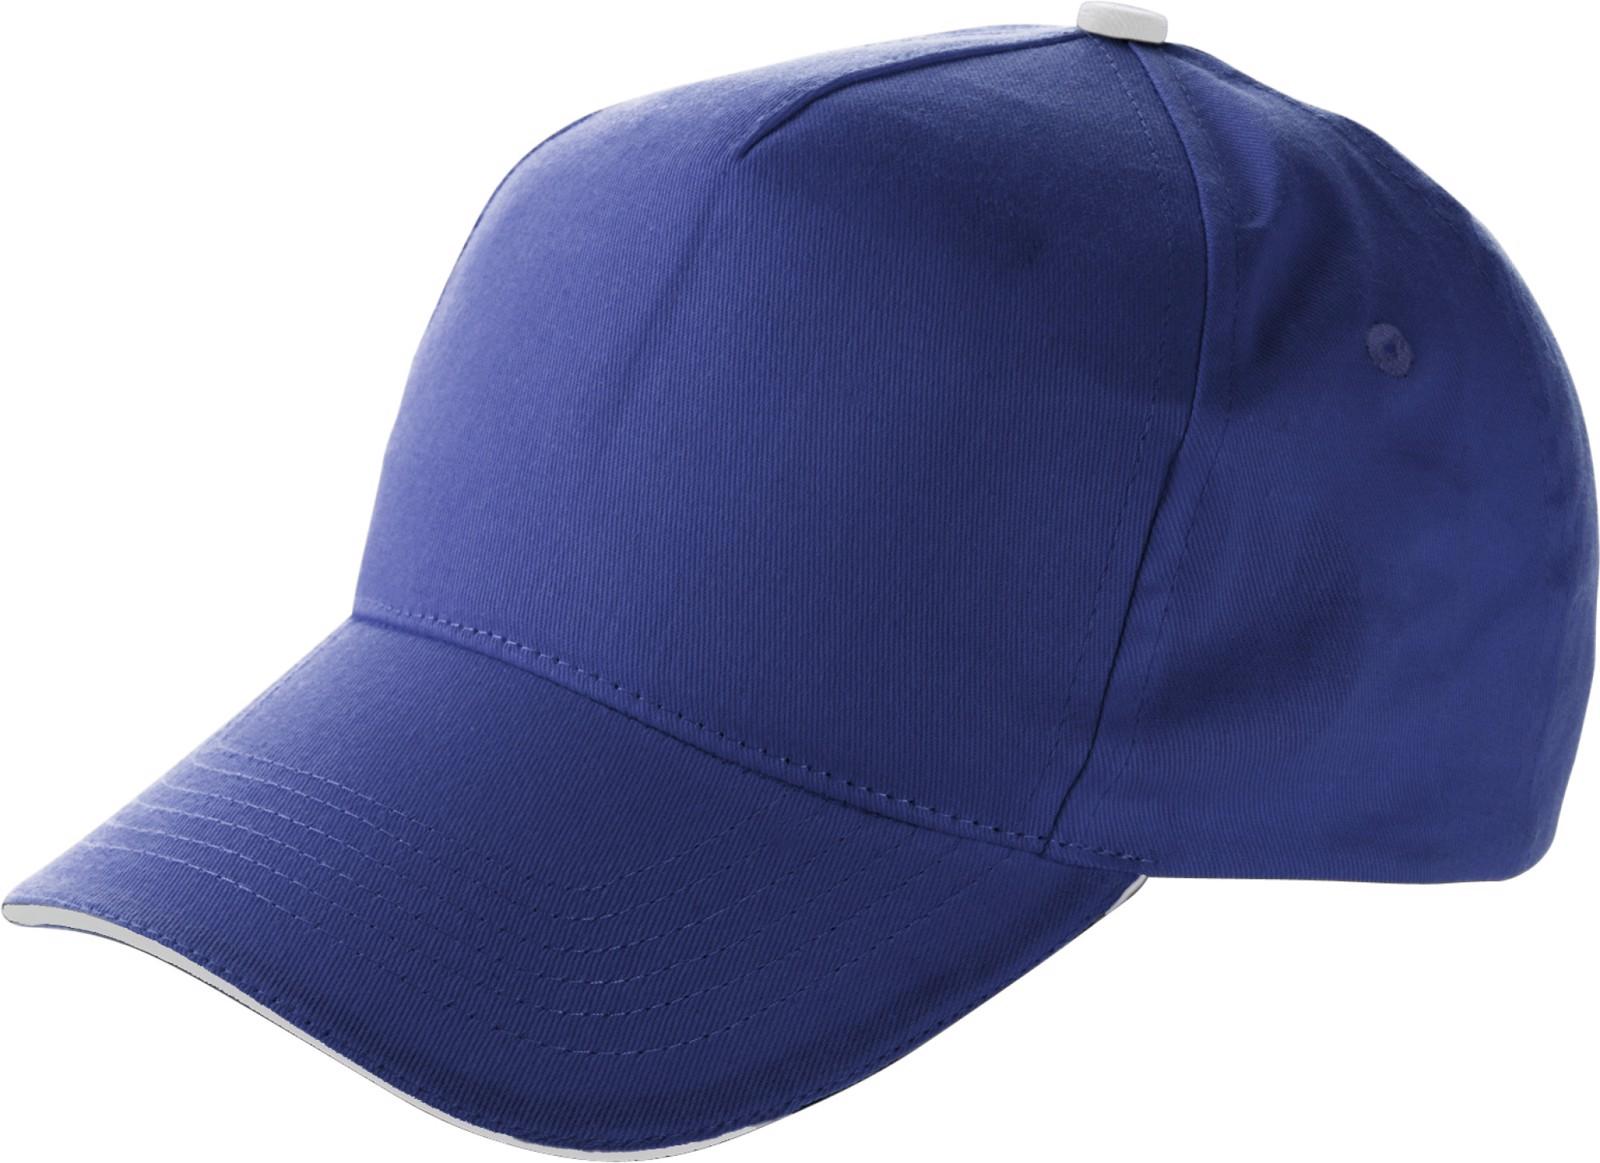 Cotton cap - Cobalt Blue